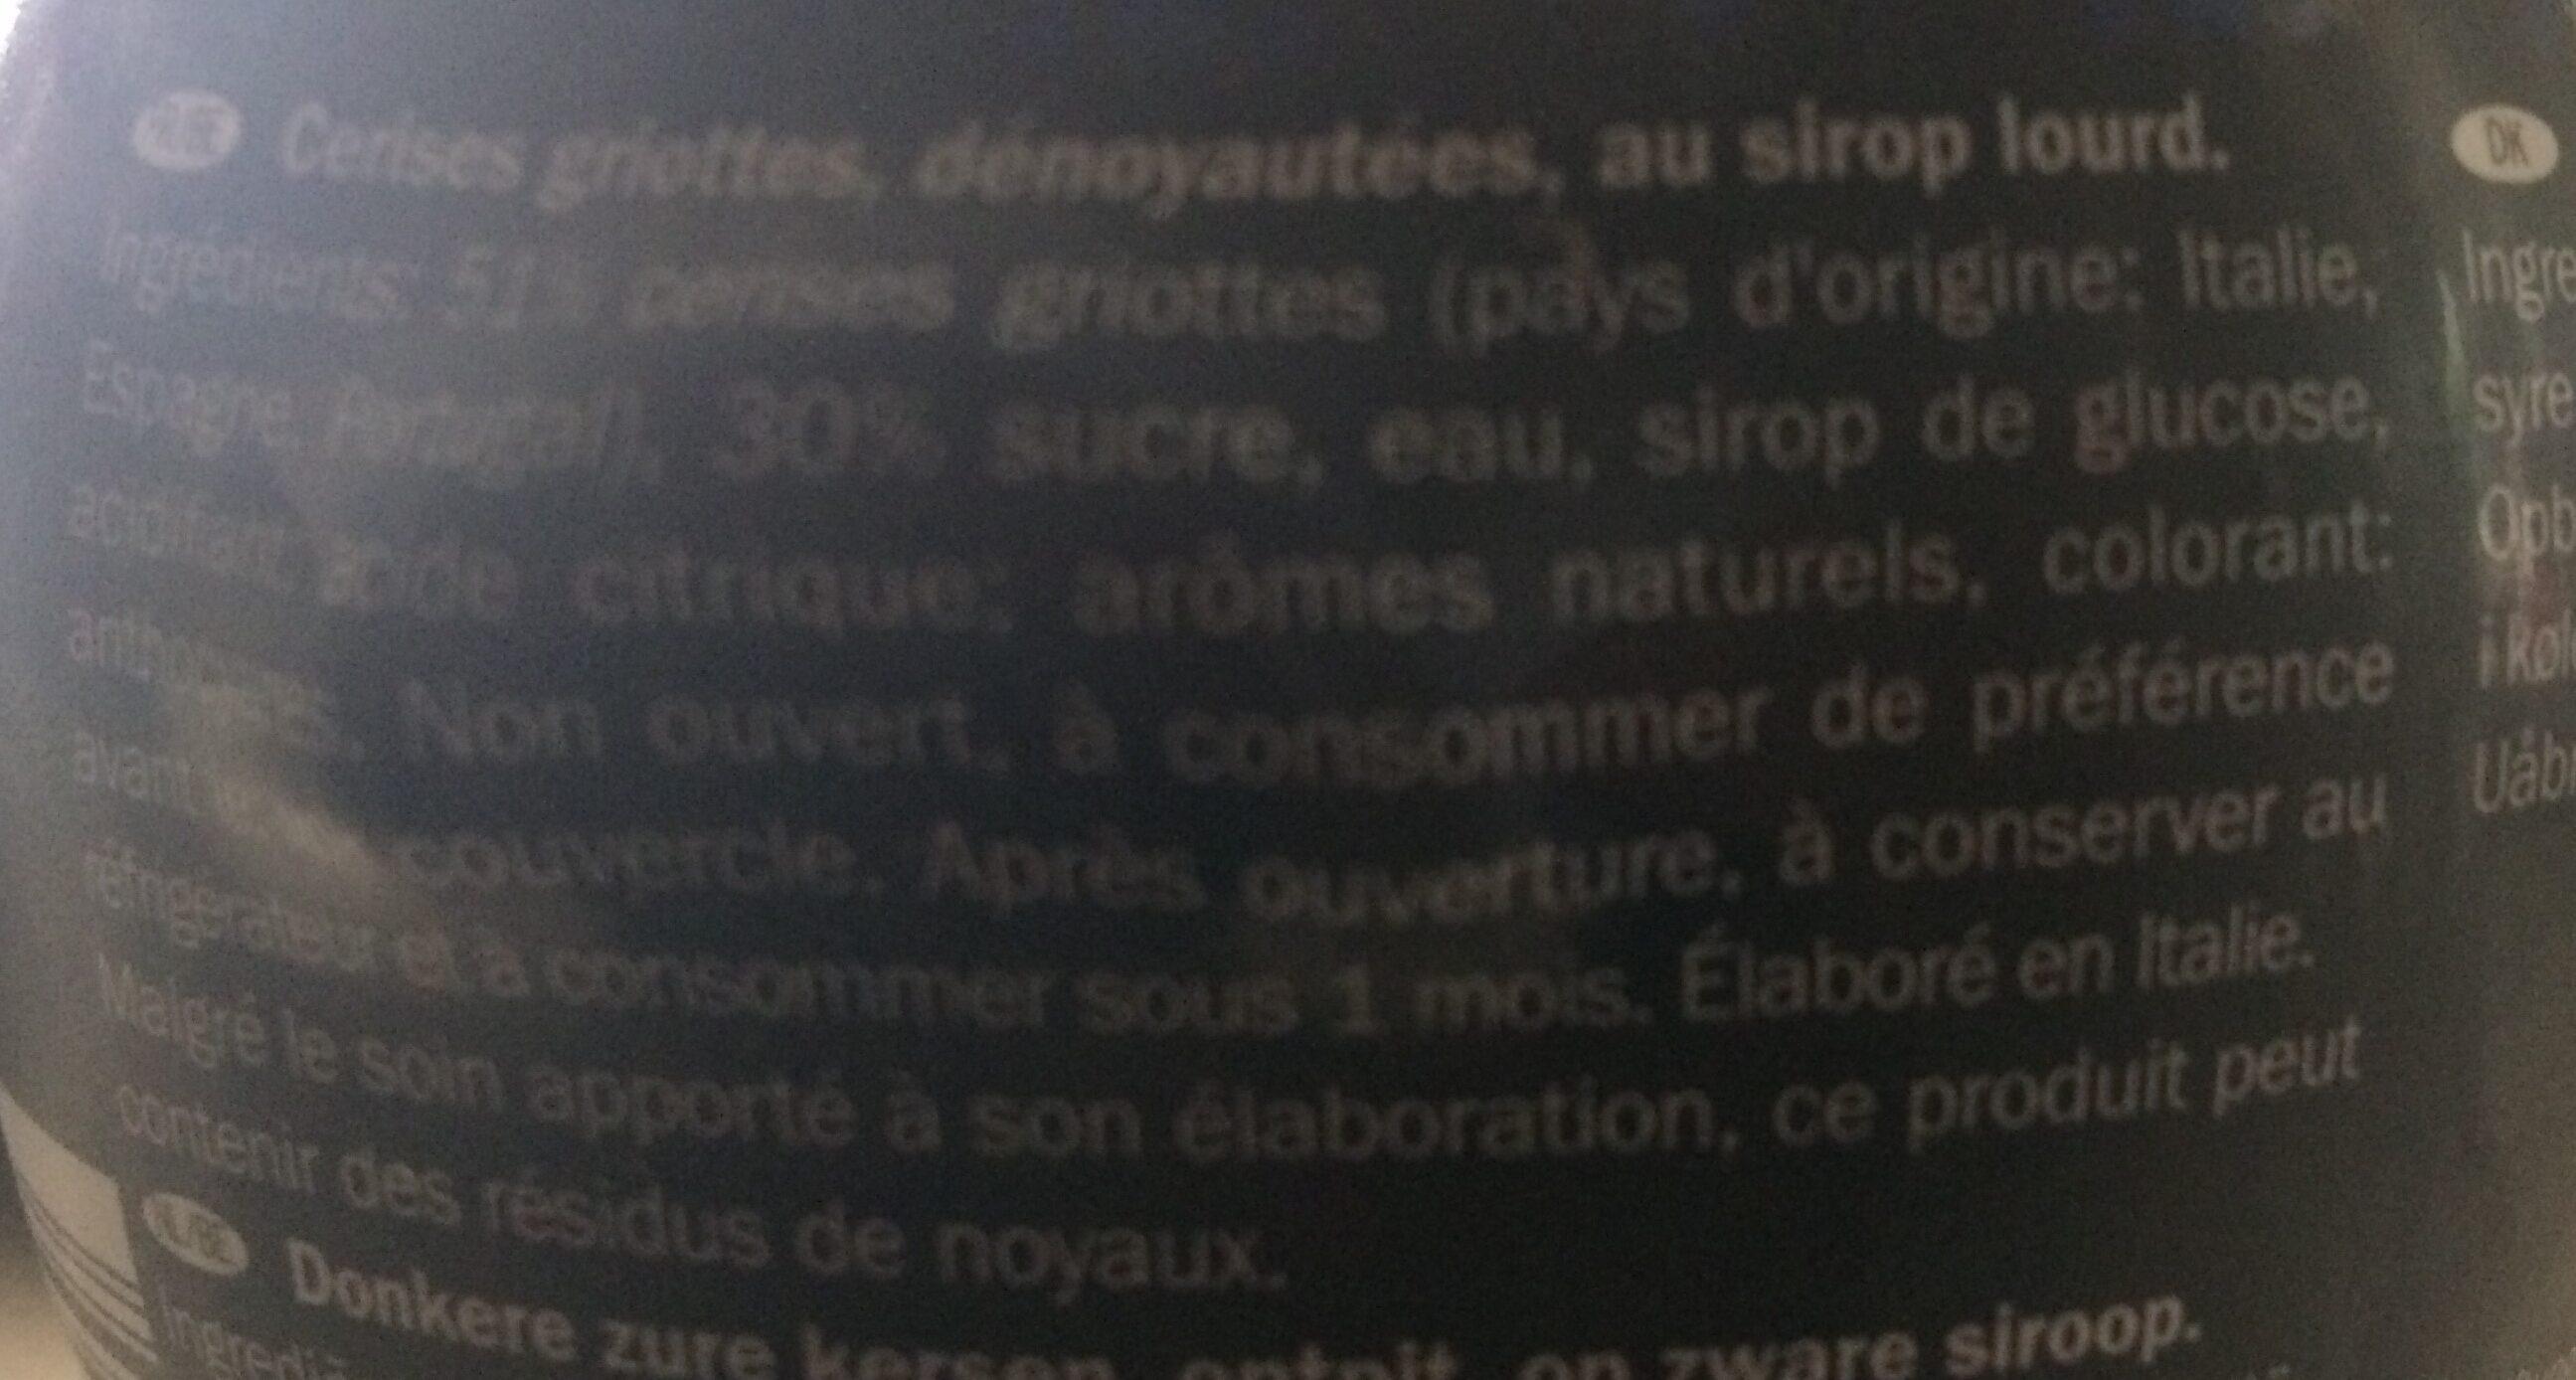 Amarena Kersen Op Siroop Pot 450 Gram (italiamo) - Ingredients - en